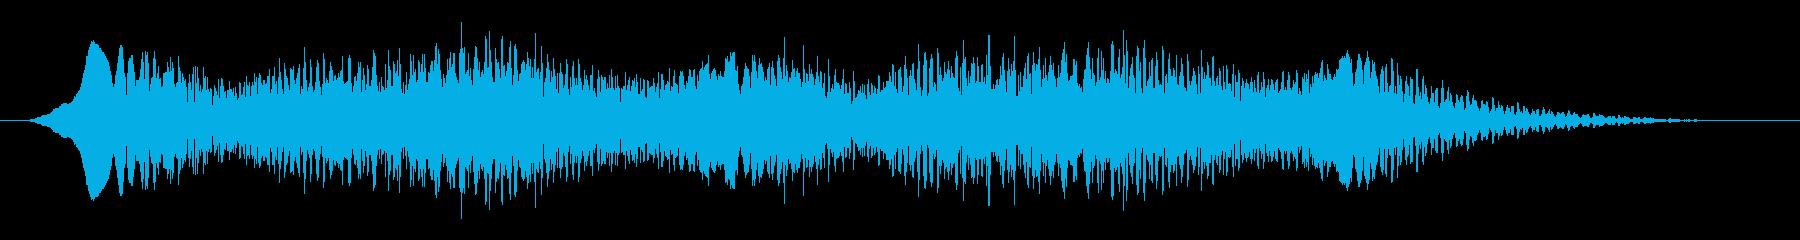 素材 揺れるドローン09の再生済みの波形